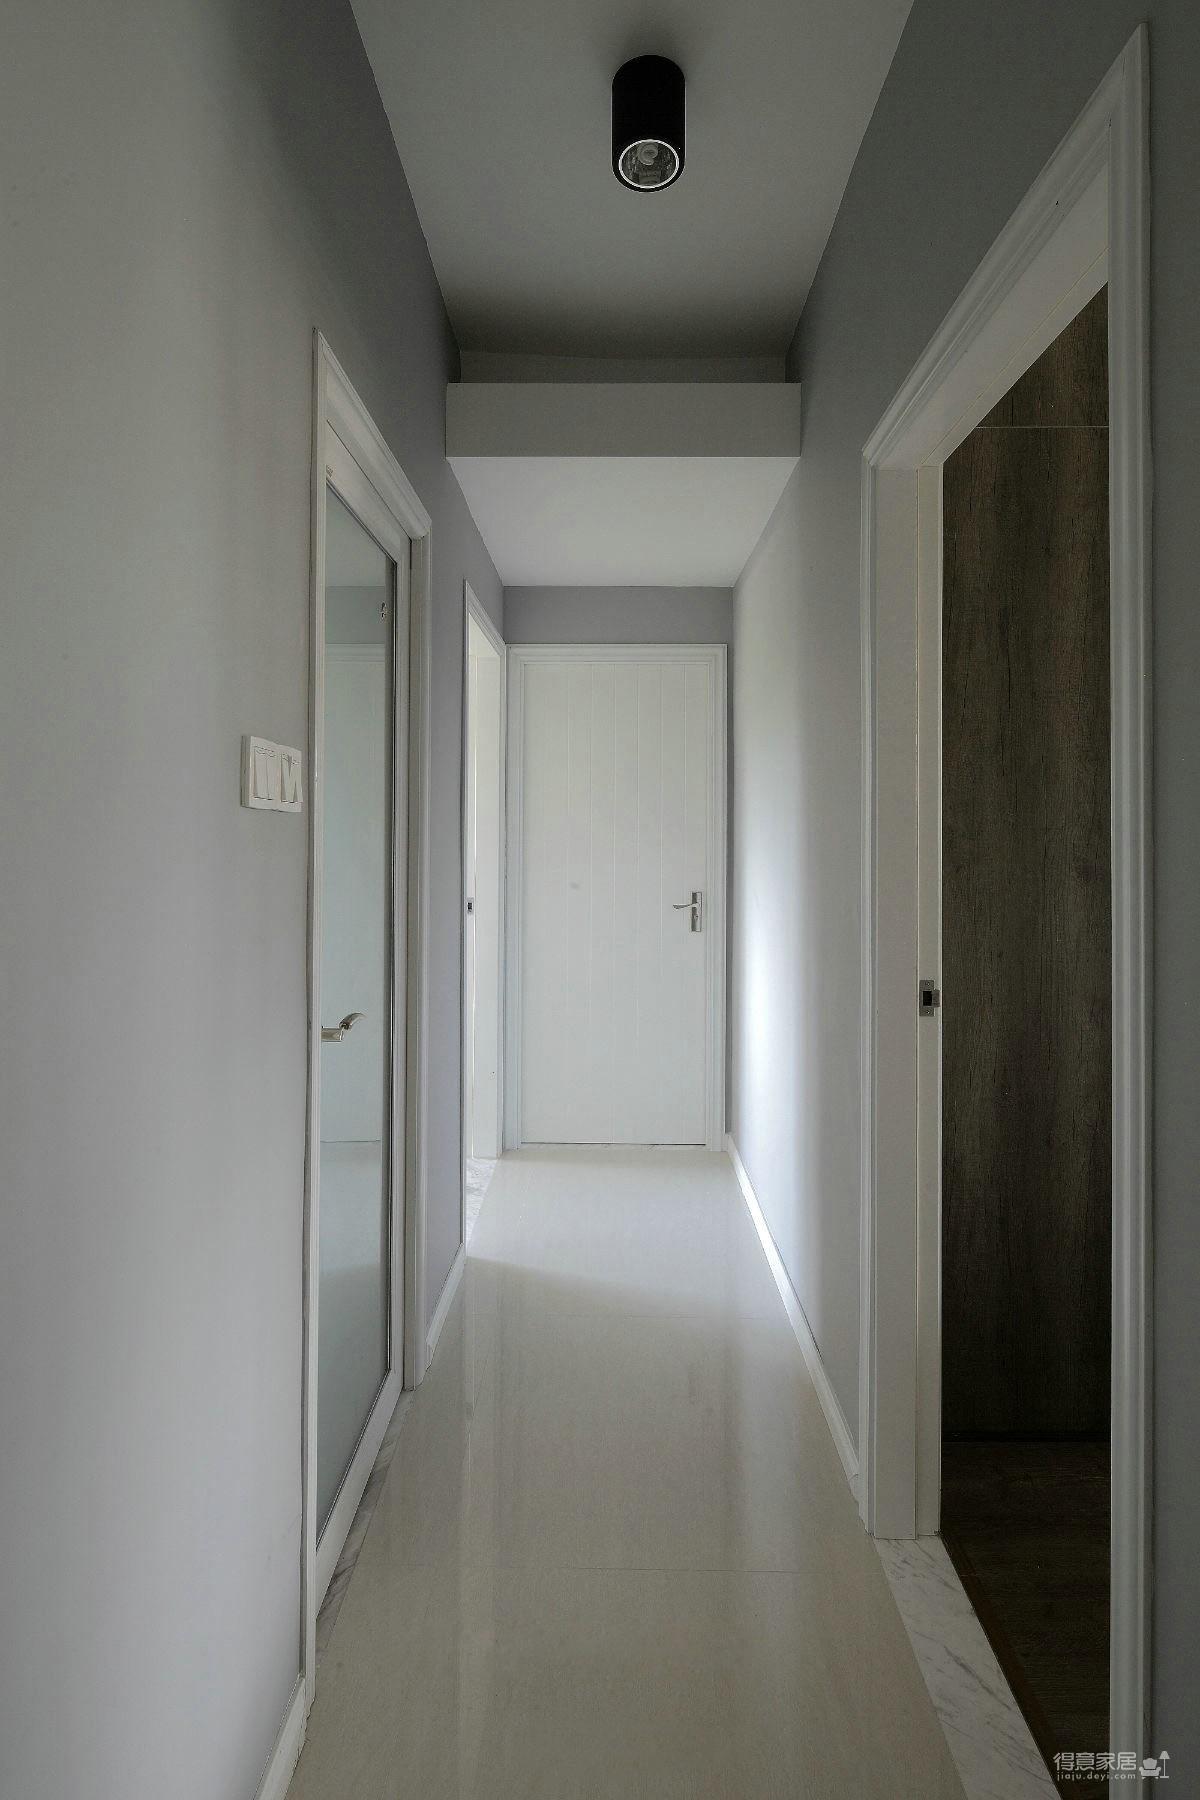 用高级灰打造一个时尚空间,帮你开拓更大空间